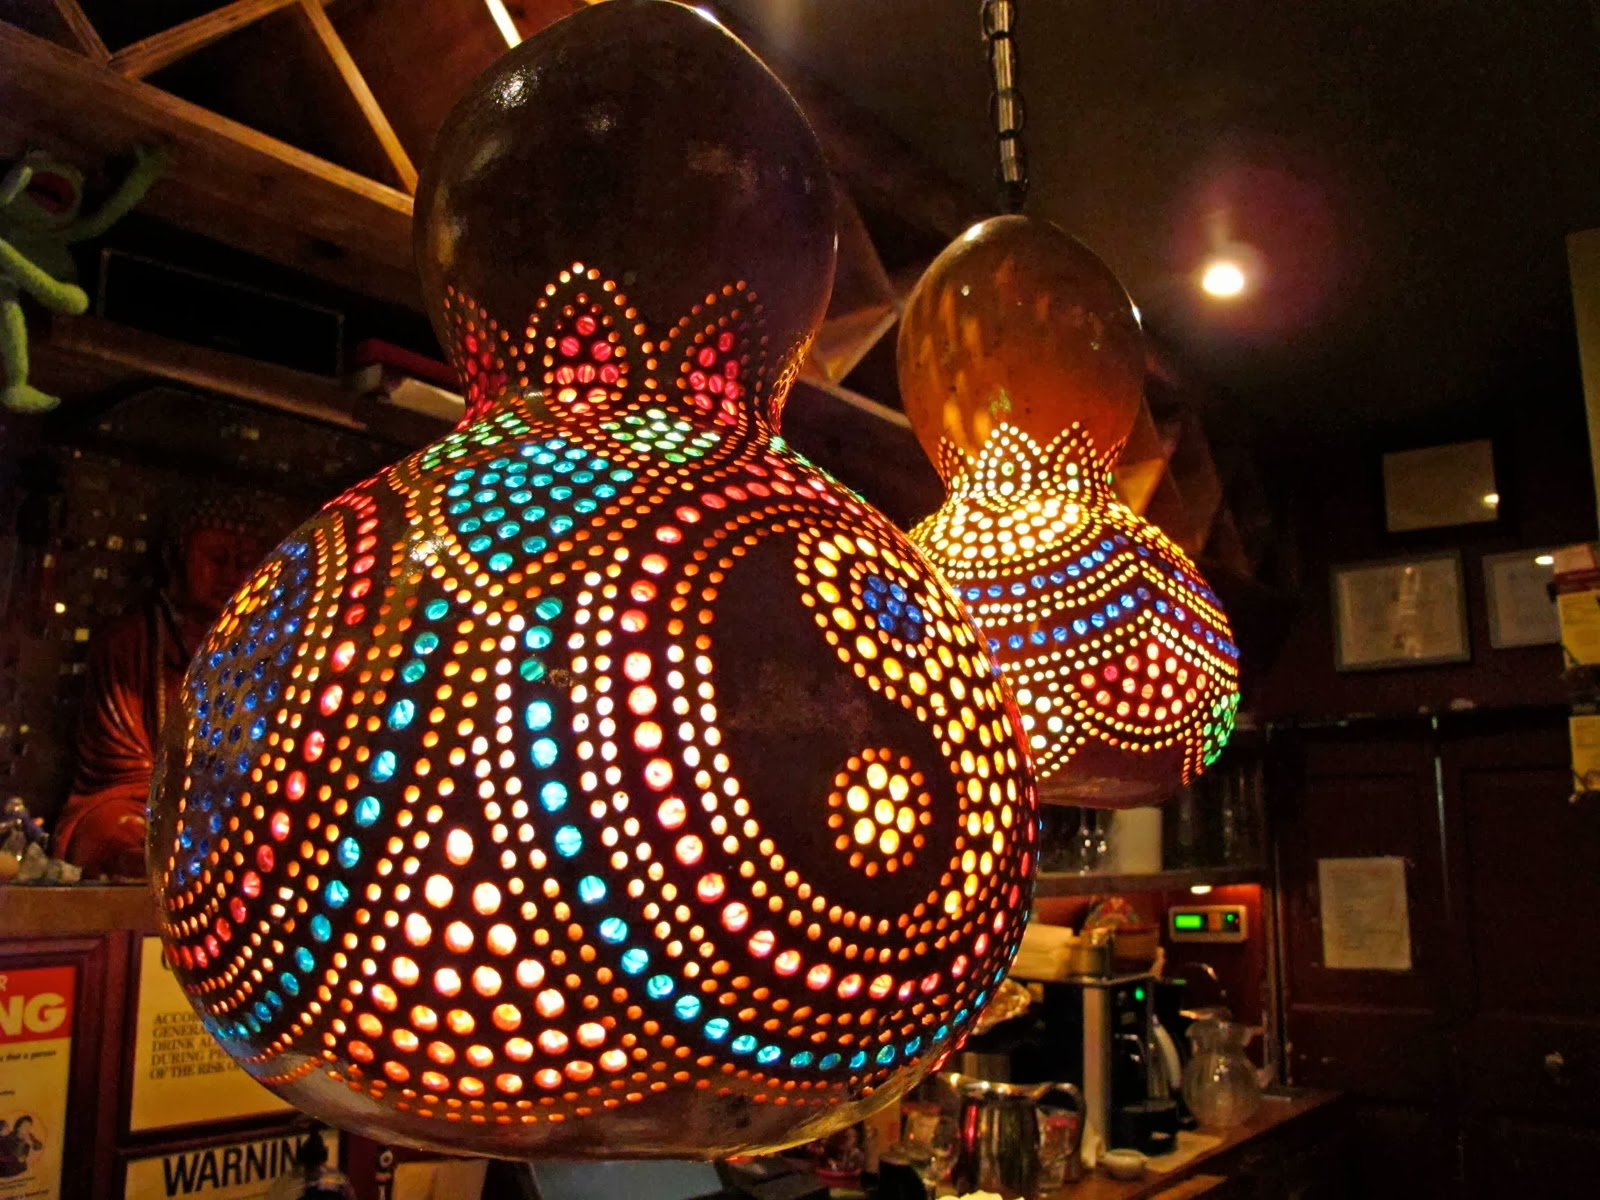 Marokkaanse Lampen Amersfoort : Marokkaanse lamp marokkaanse lampen kamer fien pinterest